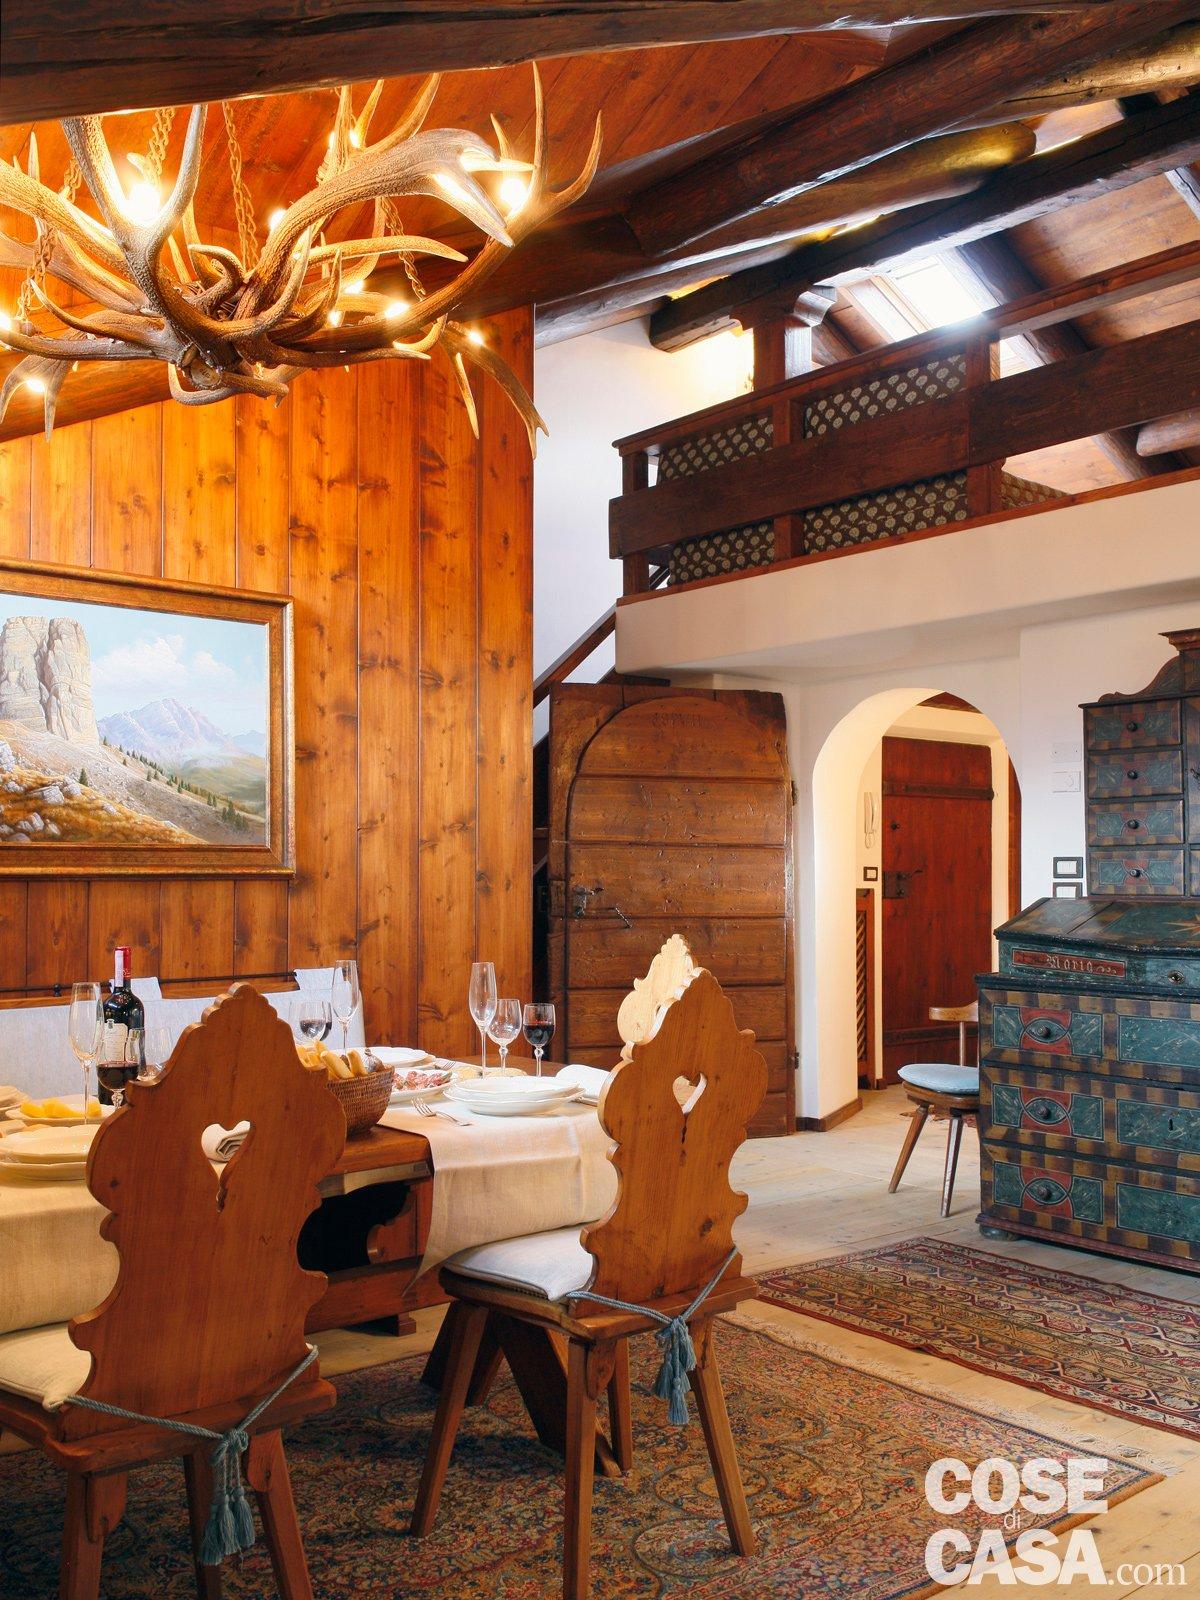 Mansarda tutta legno nuova vita per la casa di montagna - Idee arredamento casa montagna ...